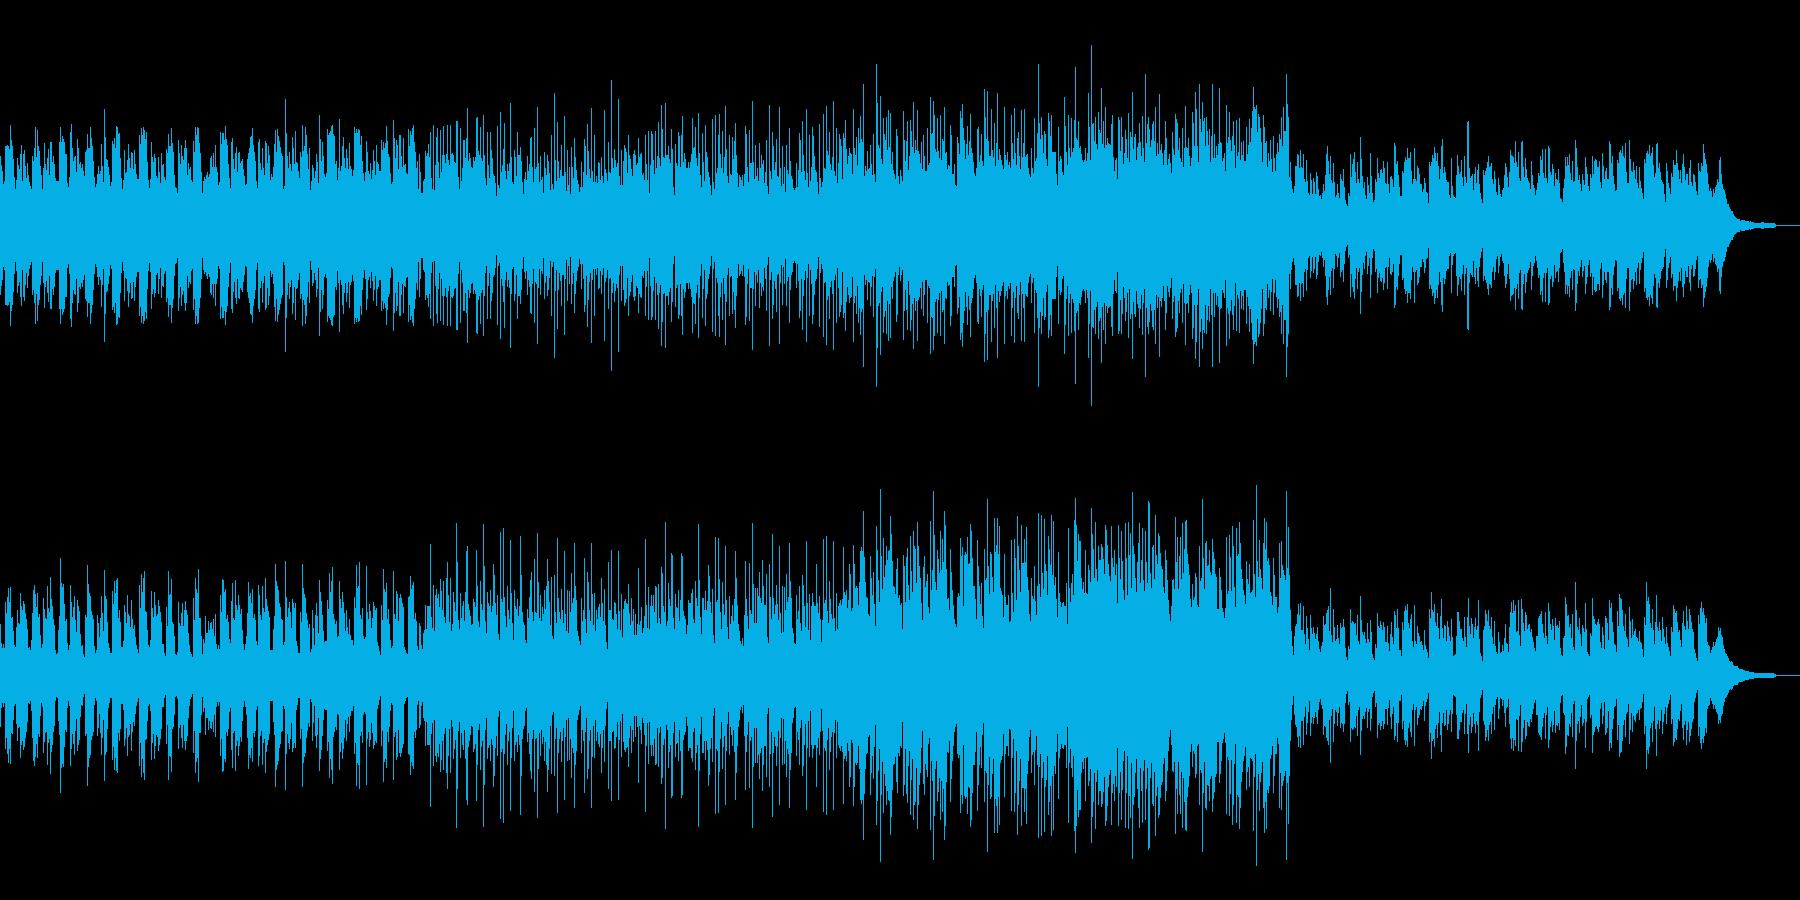 優しくも力強いピアノ曲の再生済みの波形